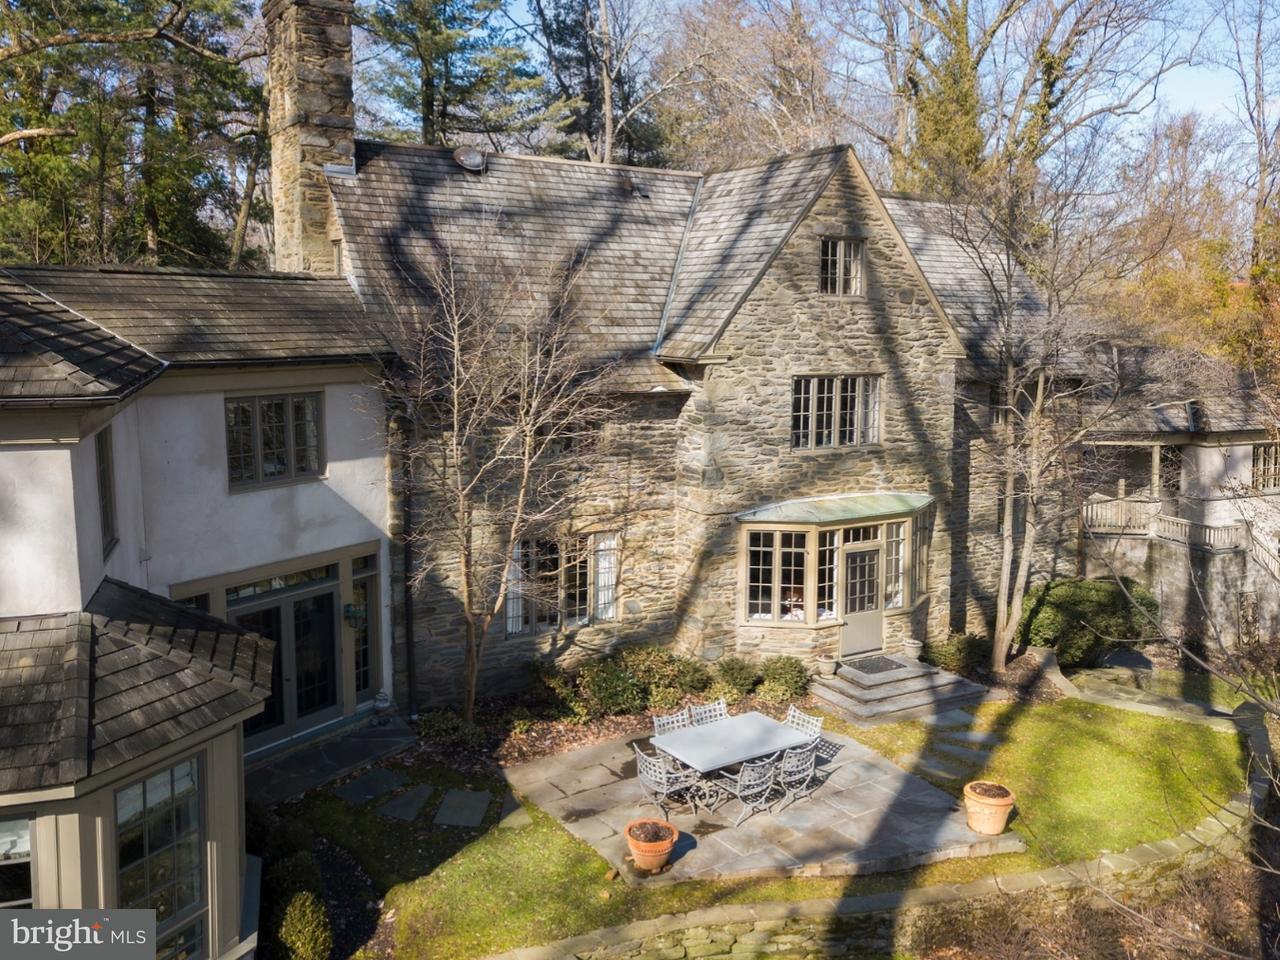 Частный односемейный дом для того Продажа на 32 EVANS Lane Haverford, Пенсильвания 19041 Соединенные Штаты